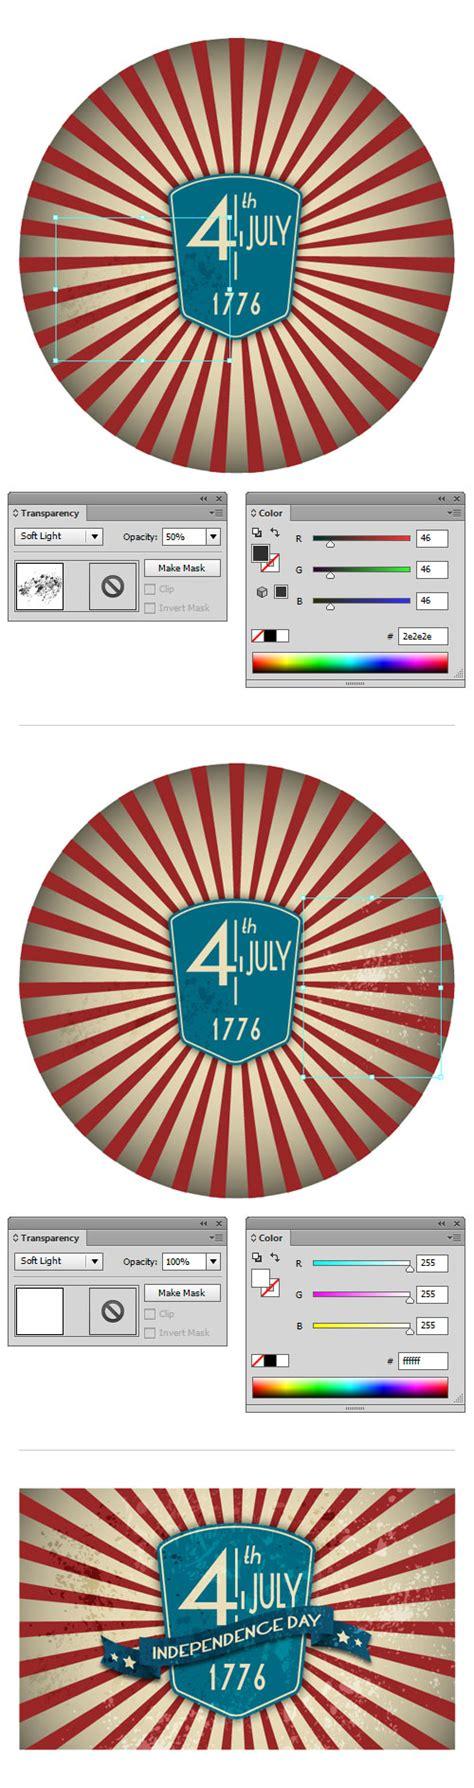 tutorial illustrator badge illustrator special effects vintage badge background